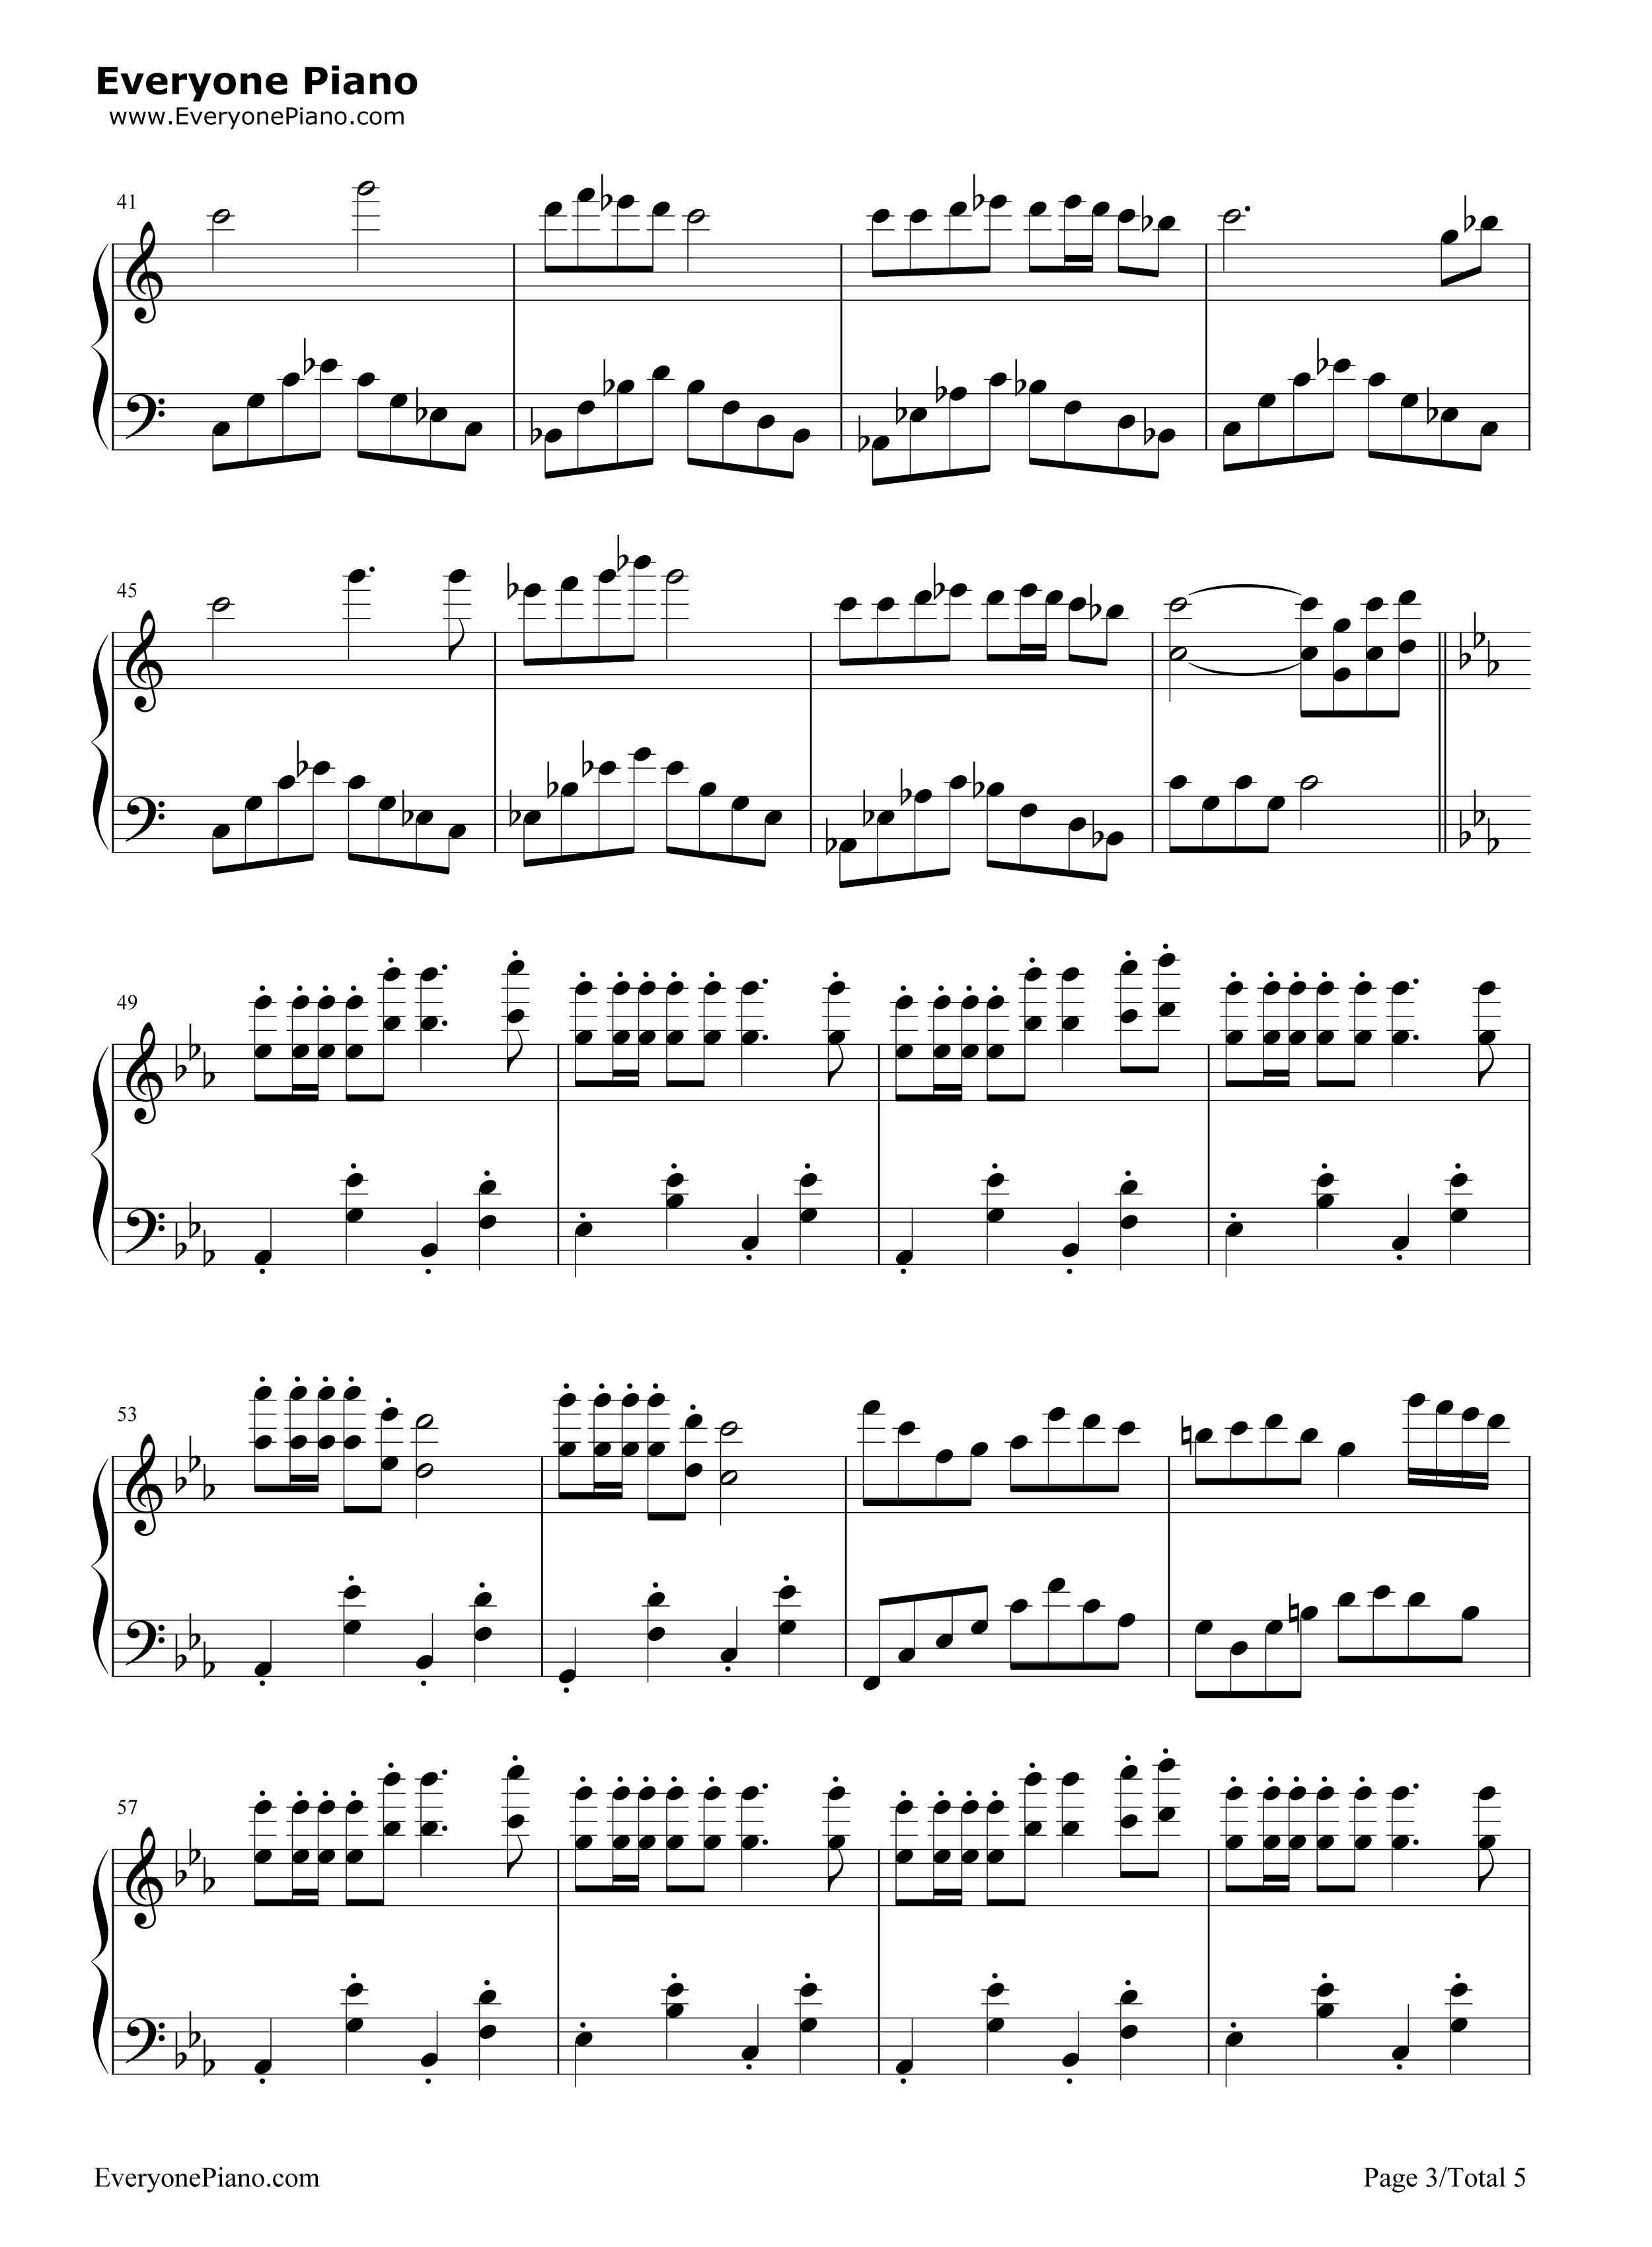 钢琴曲谱 民乐 欢沁-林海 欢沁-林海五线谱预览3  }  仅供学习交流